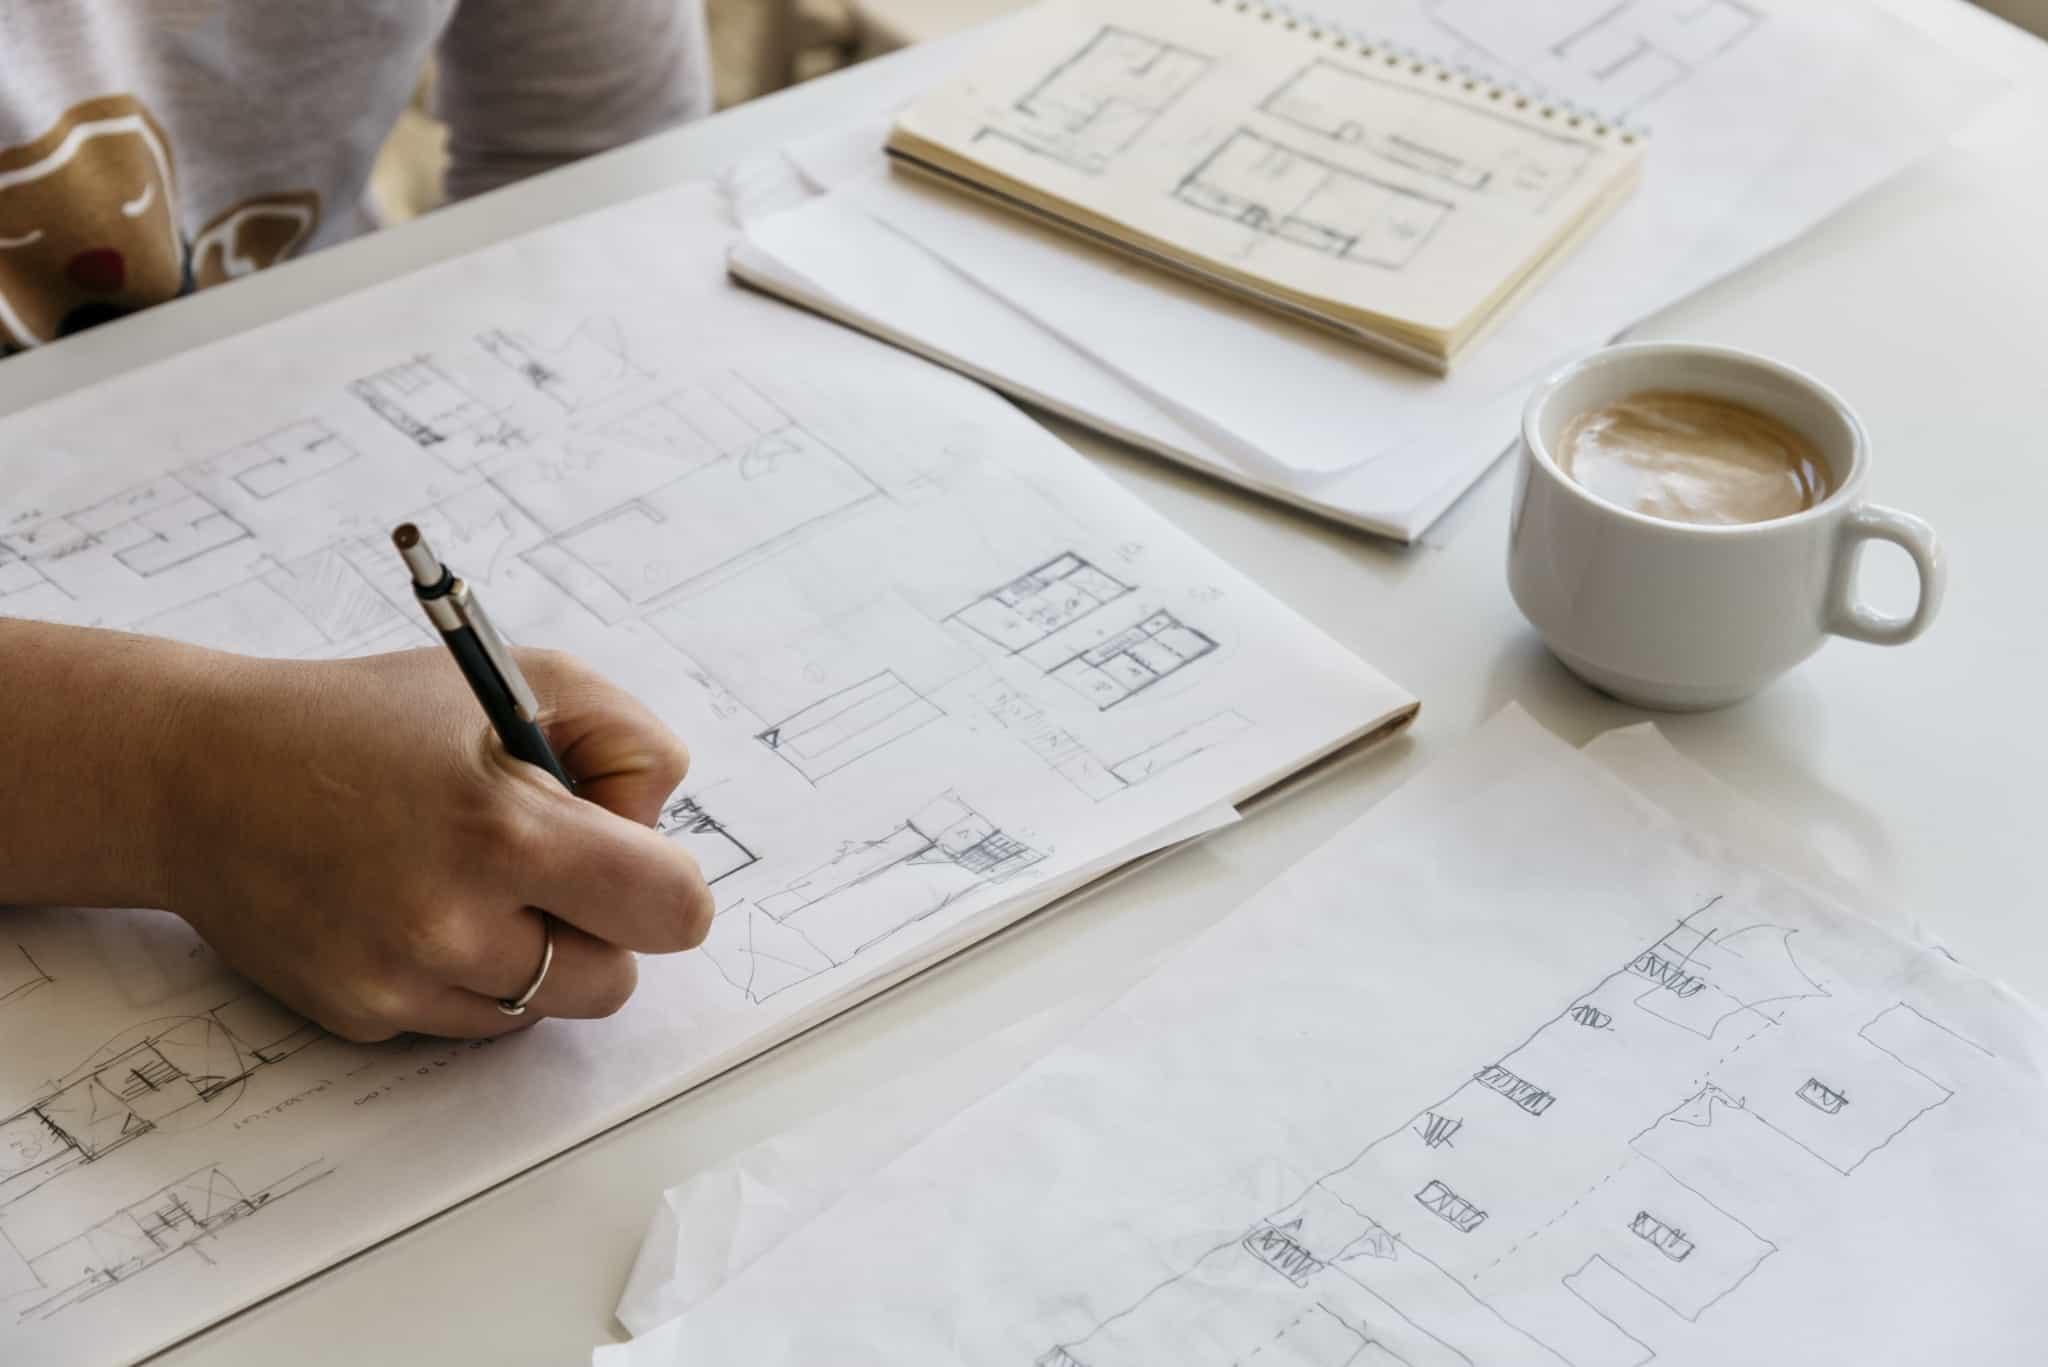 arquitecta a fazer projeto com chavena de cafe